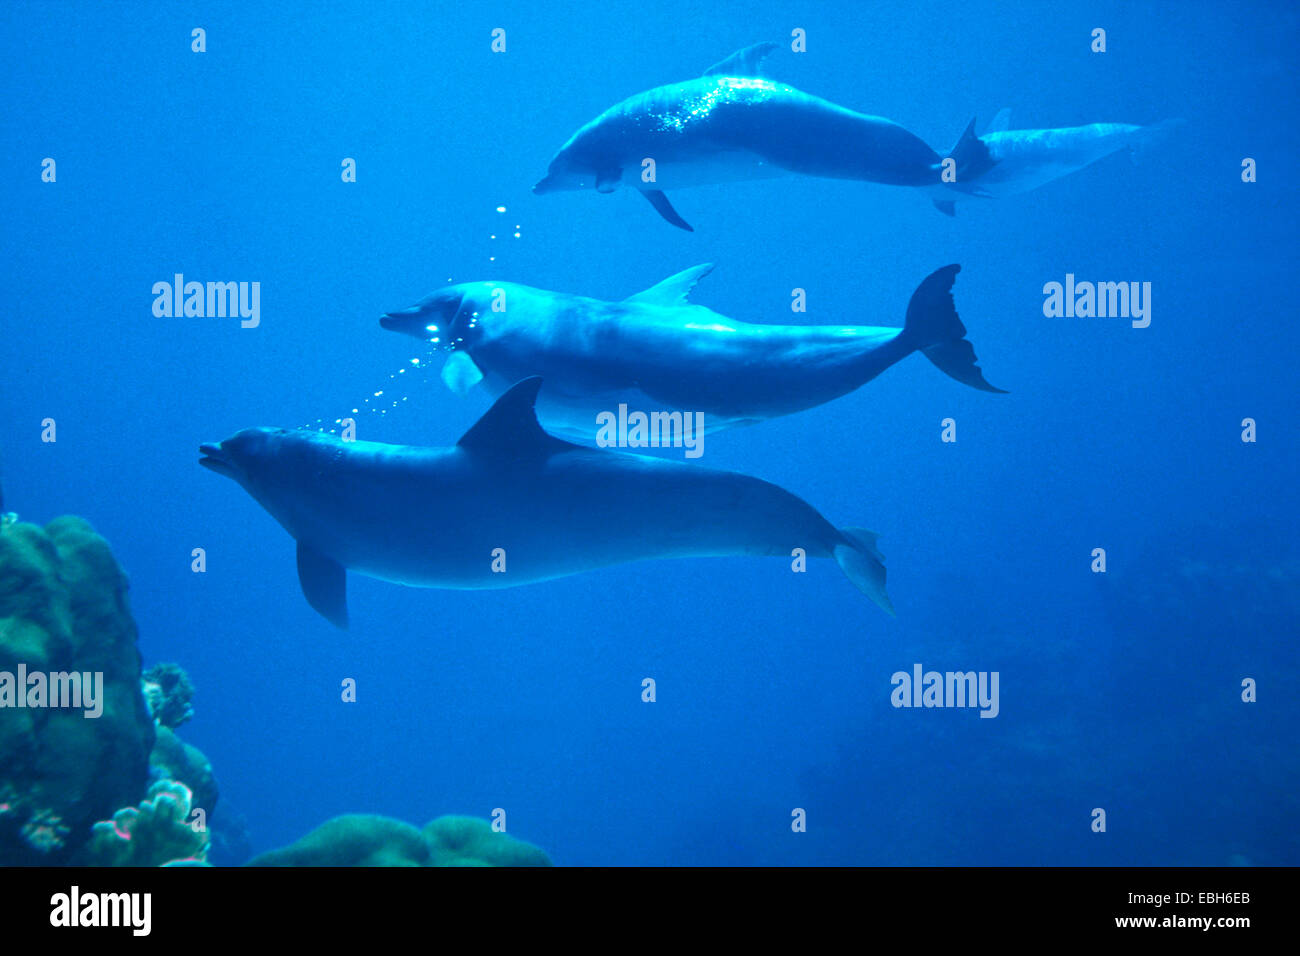 bottlenosed dolphin, common bottle-nosed dolphin (Tursiops truncatus). - Stock Image